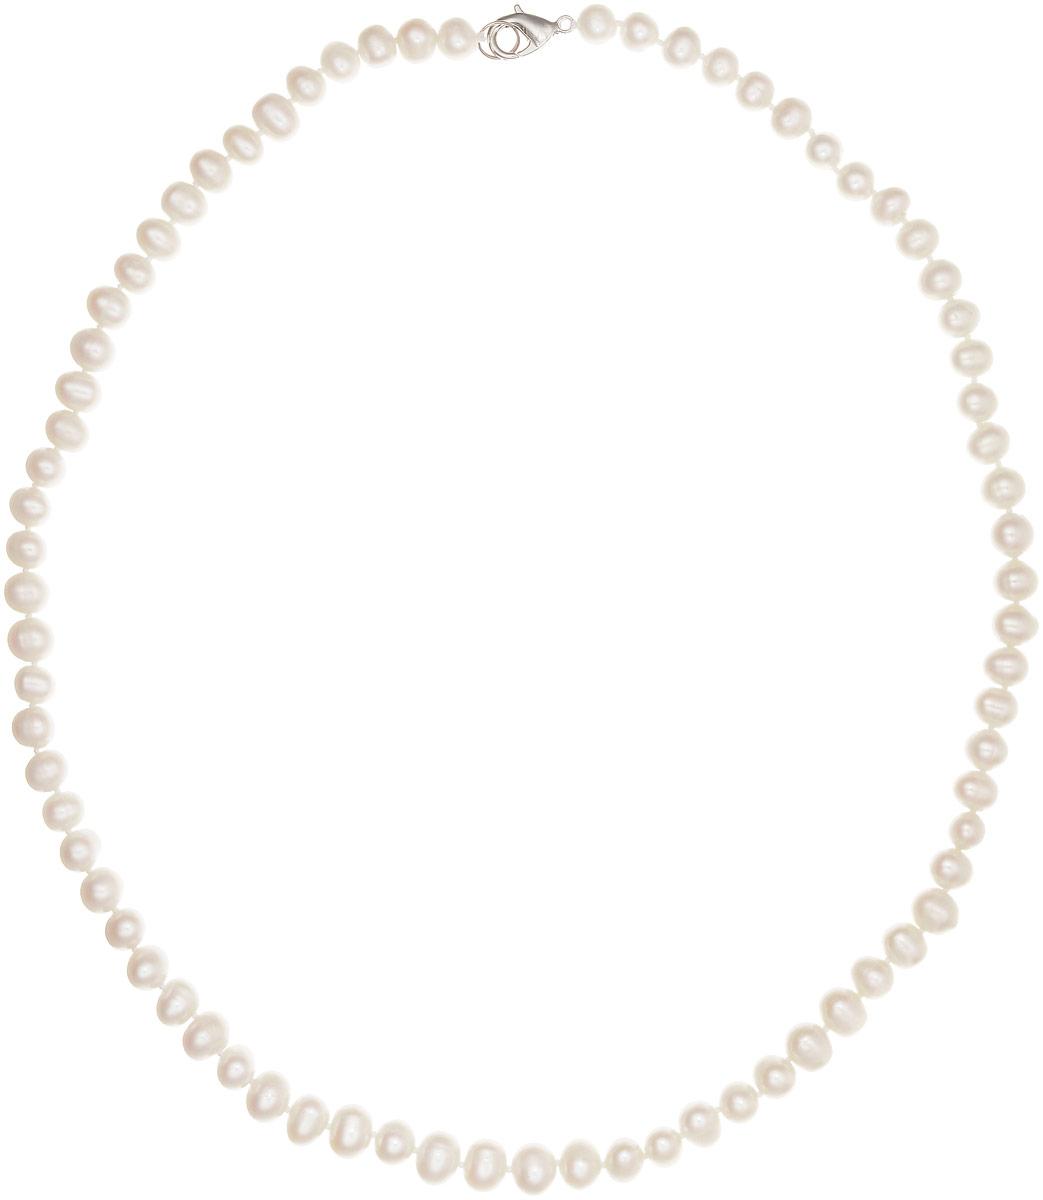 Бусы Art-Silver, цвет: молочный, длина 55 см. КЖб7-8А+55-660Бусы-ниткаБусы Art-Silver изготовлены из культивированного жемчуга. Изделие оформлено однотонными бусинами и застегивается на замок-карабин из бижутерного сплава.